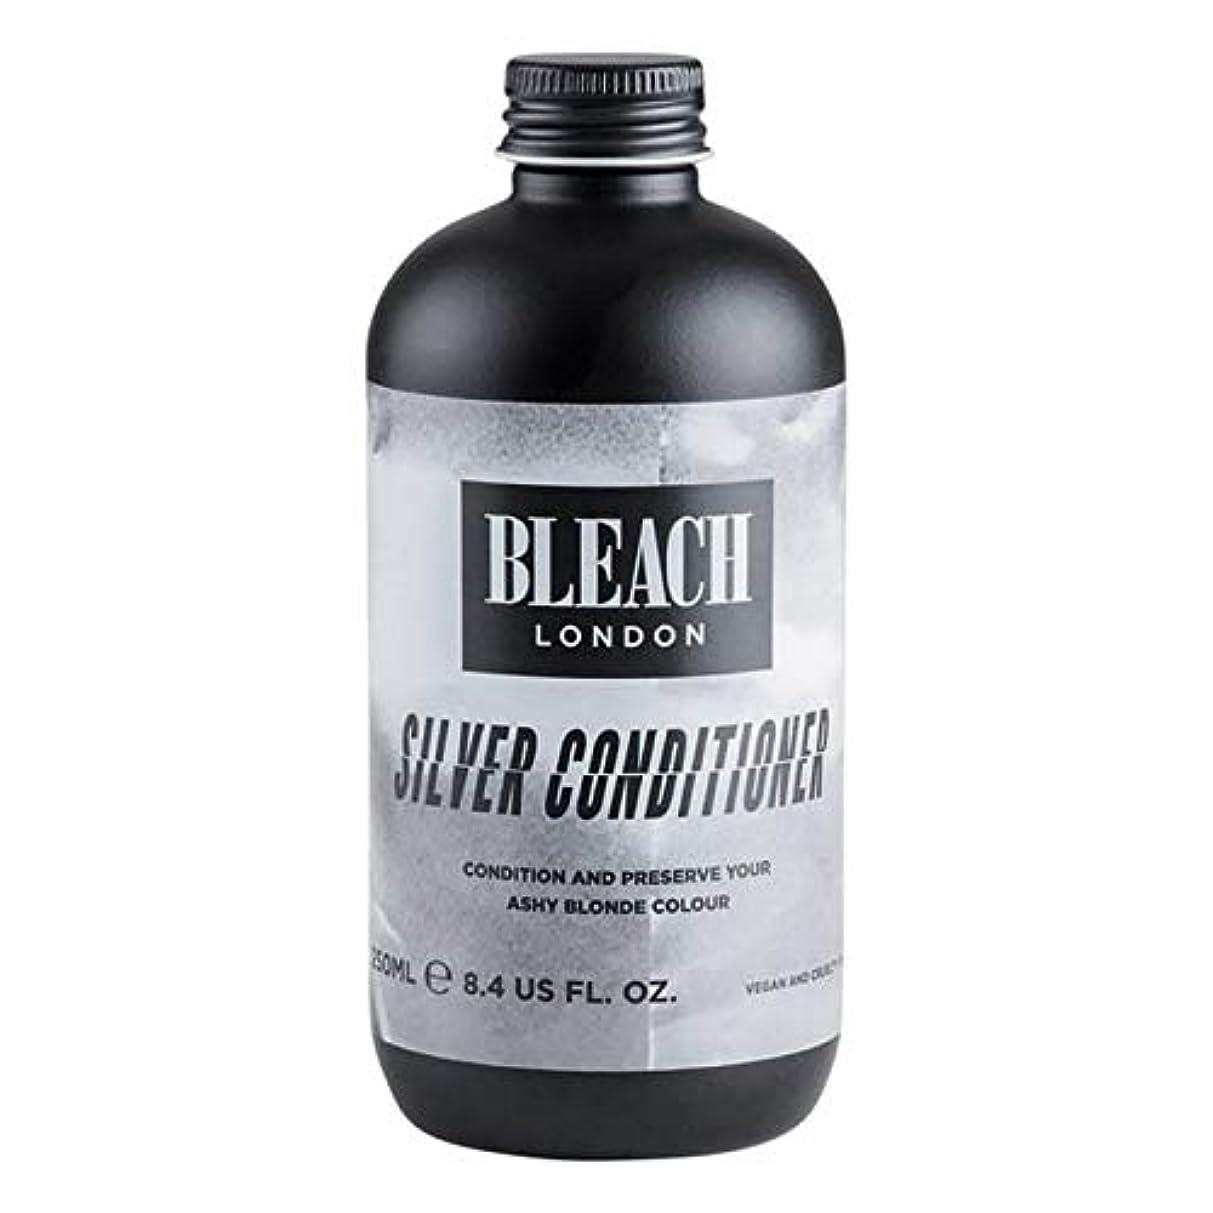 炭水化物雑草デンプシー[Bleach London ] 漂白ロンドン銀コンディショナー250Ml - Bleach London Silver Conditioner 250ml [並行輸入品]